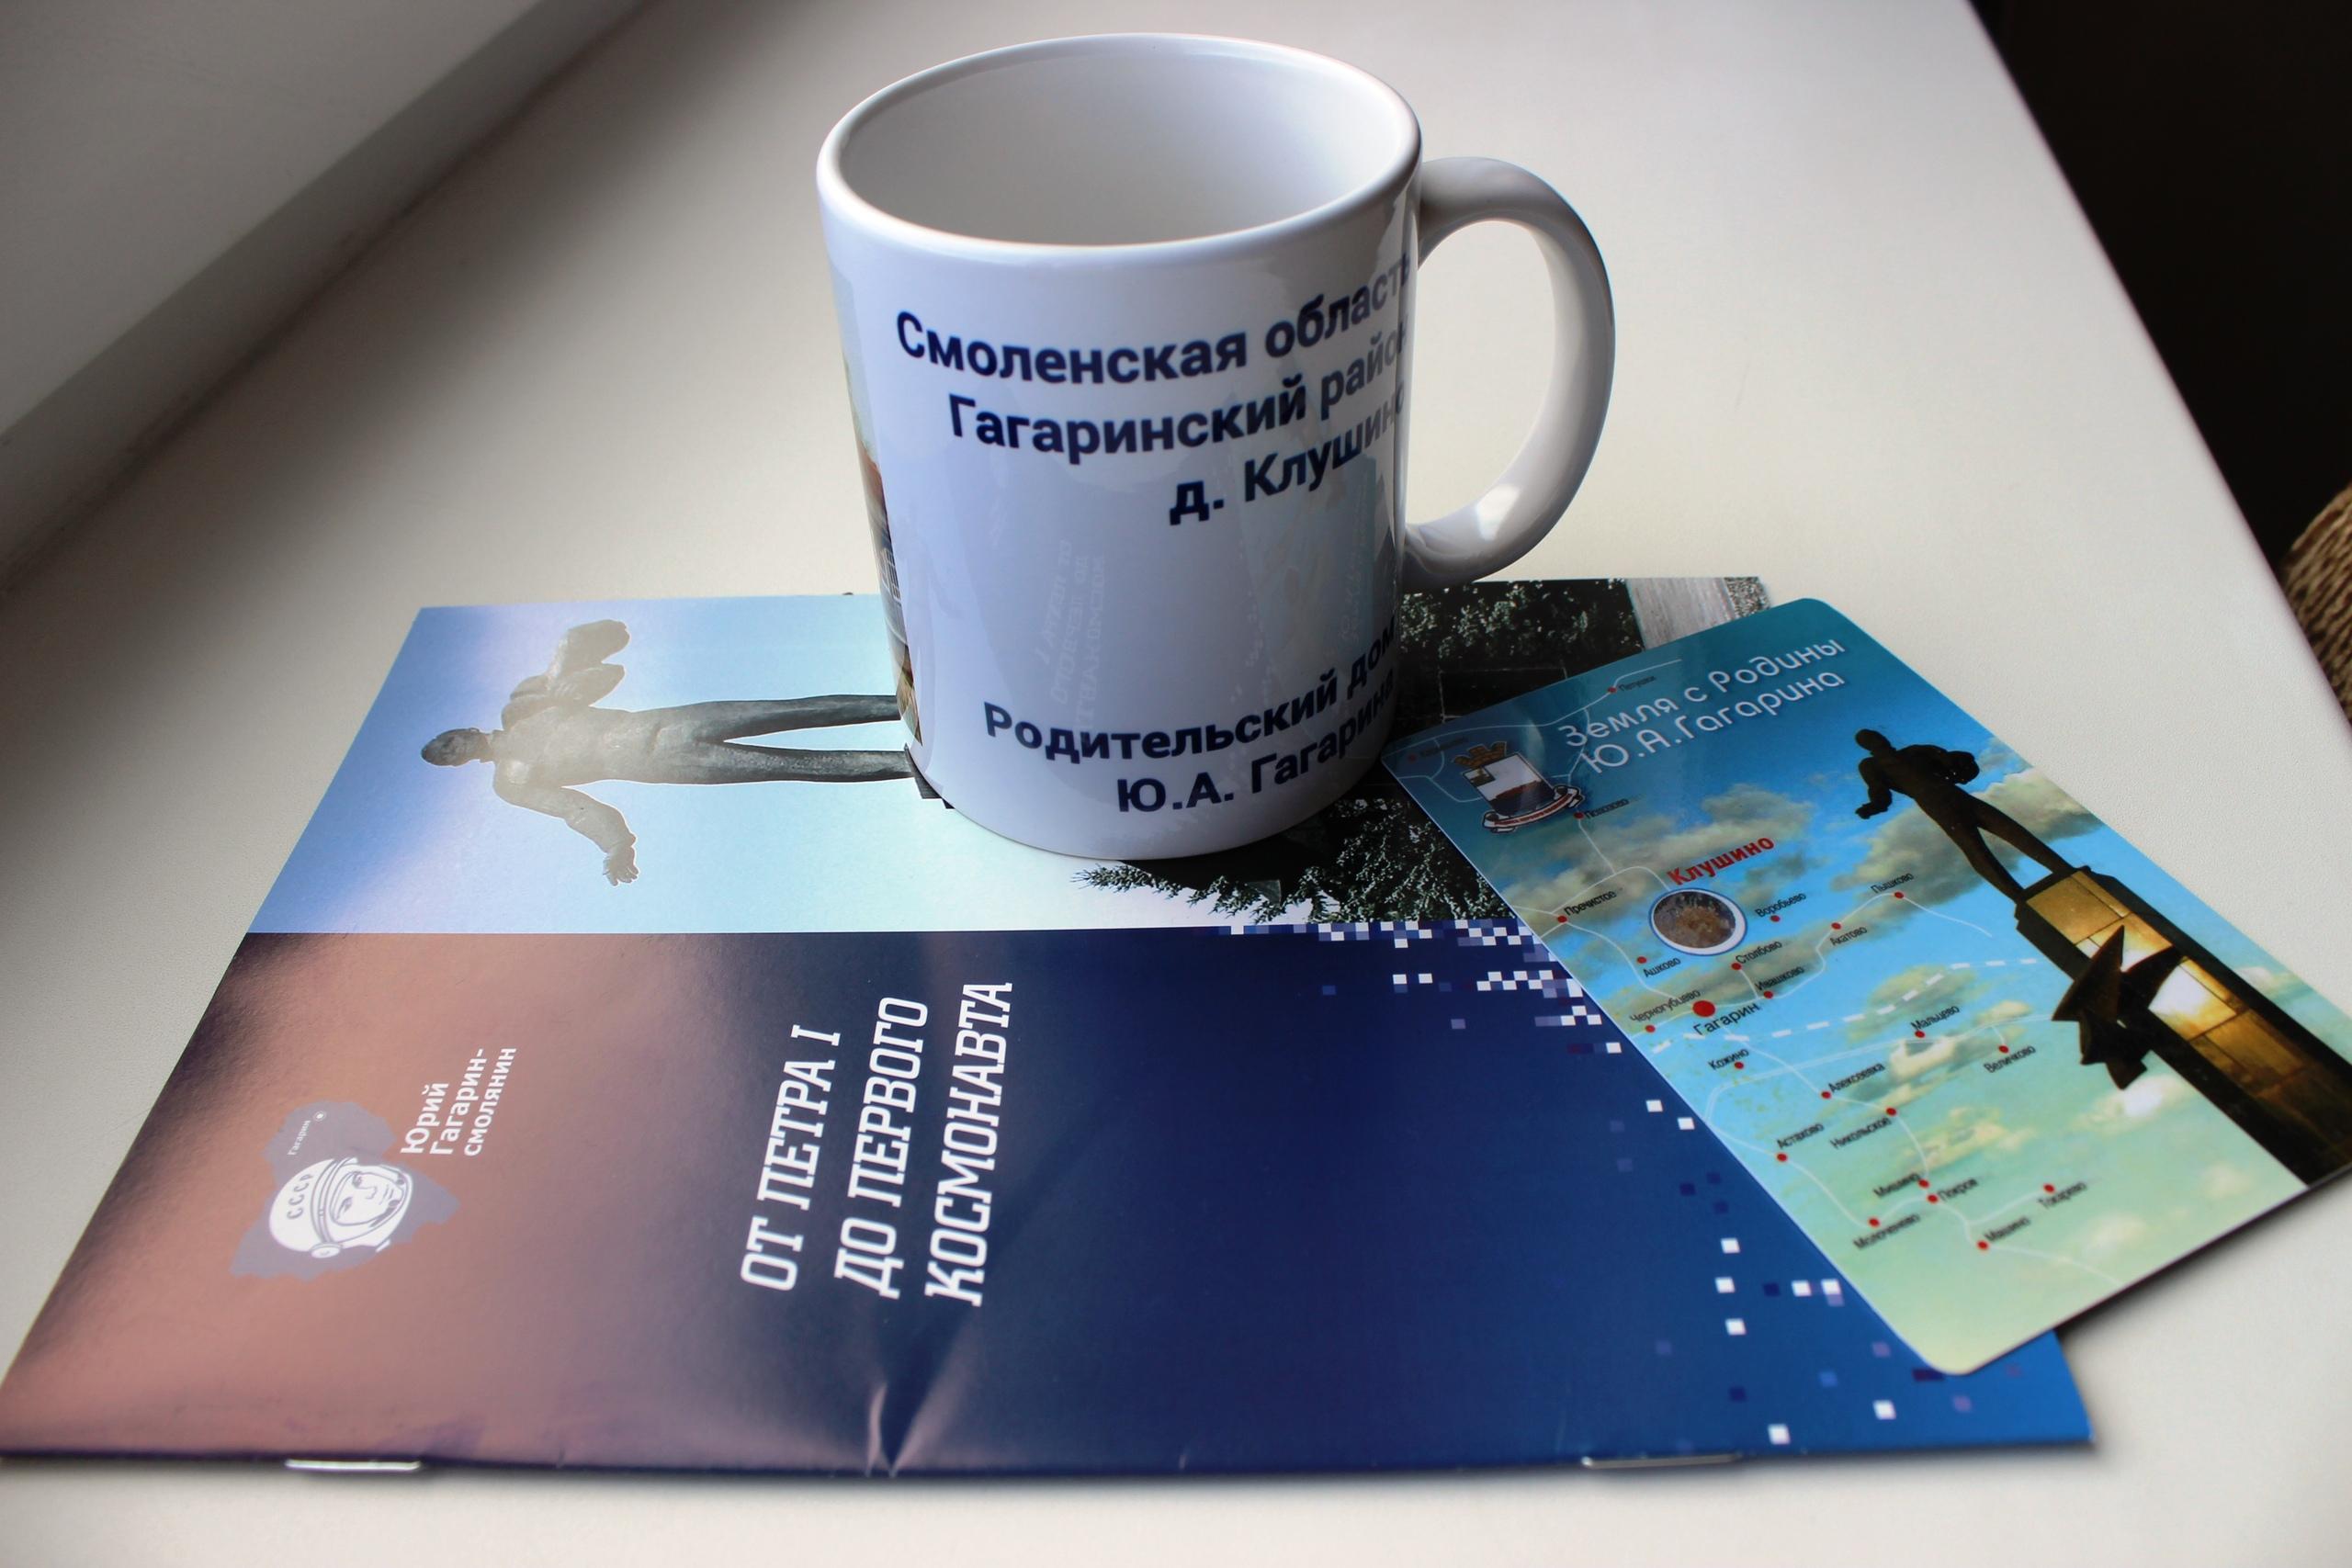 Города-побратимы привезли в Борисов сувениры и обсудили дальнейшее сотрудничество 4